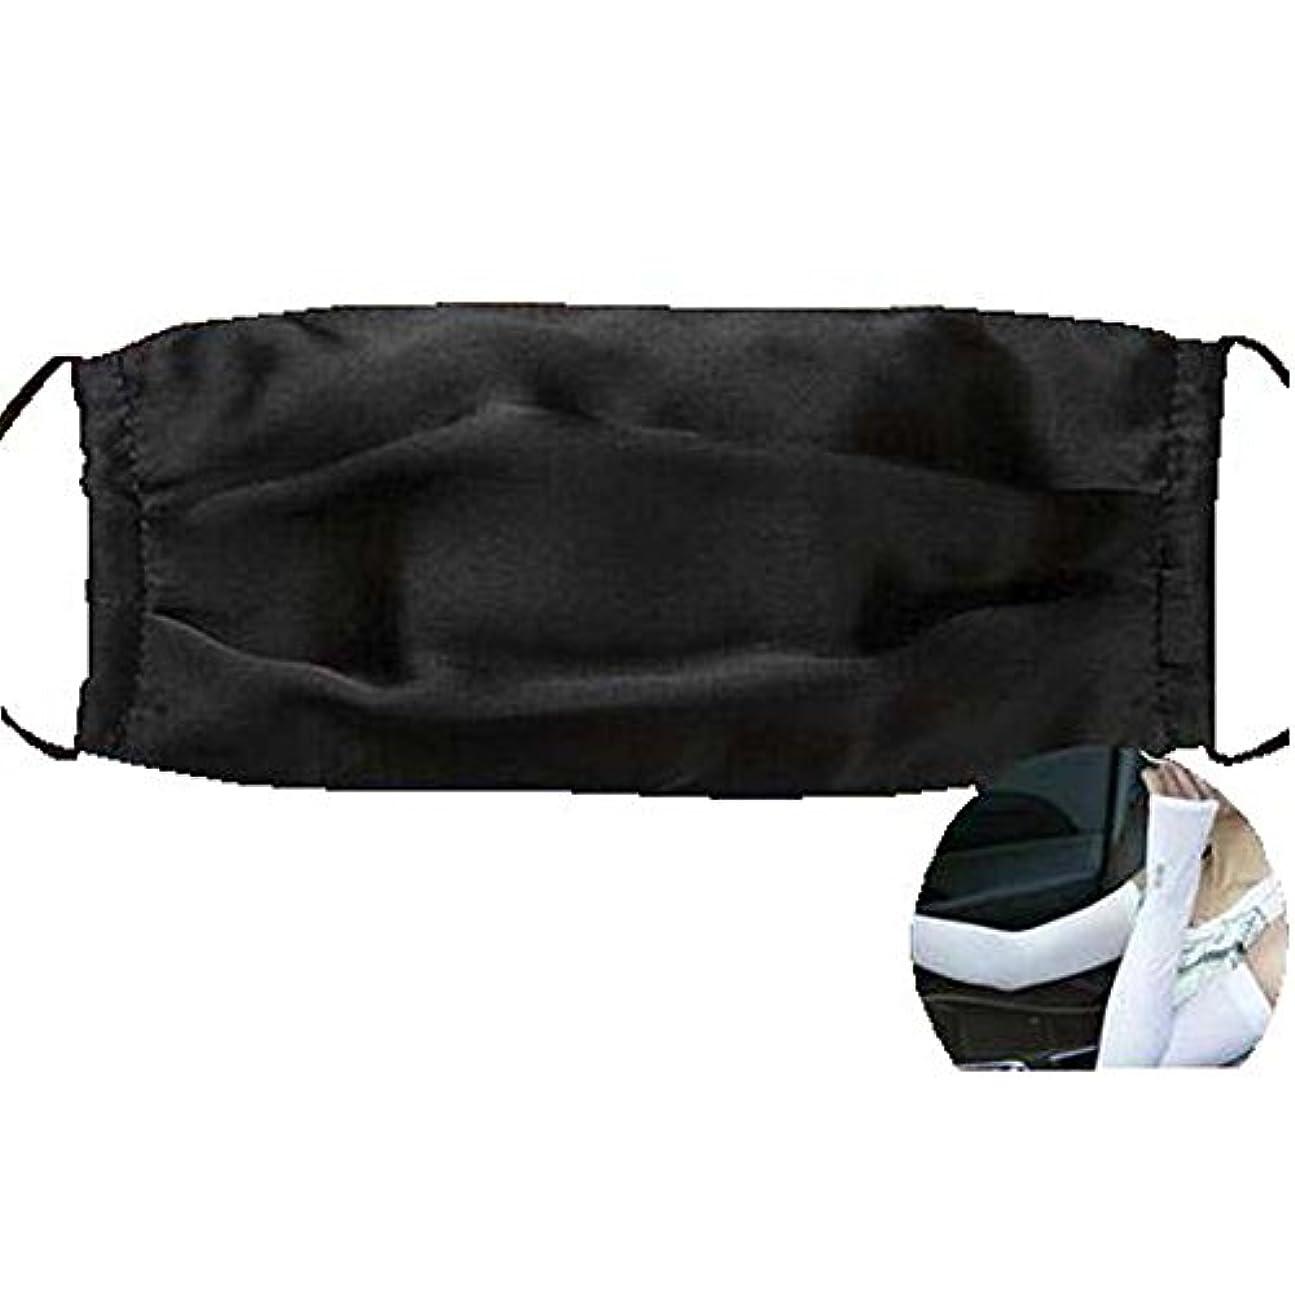 シンジケートレコーダーピザファッションマスクダストマスクアンチ汚染シルクマスクとシルクアームスリーブ